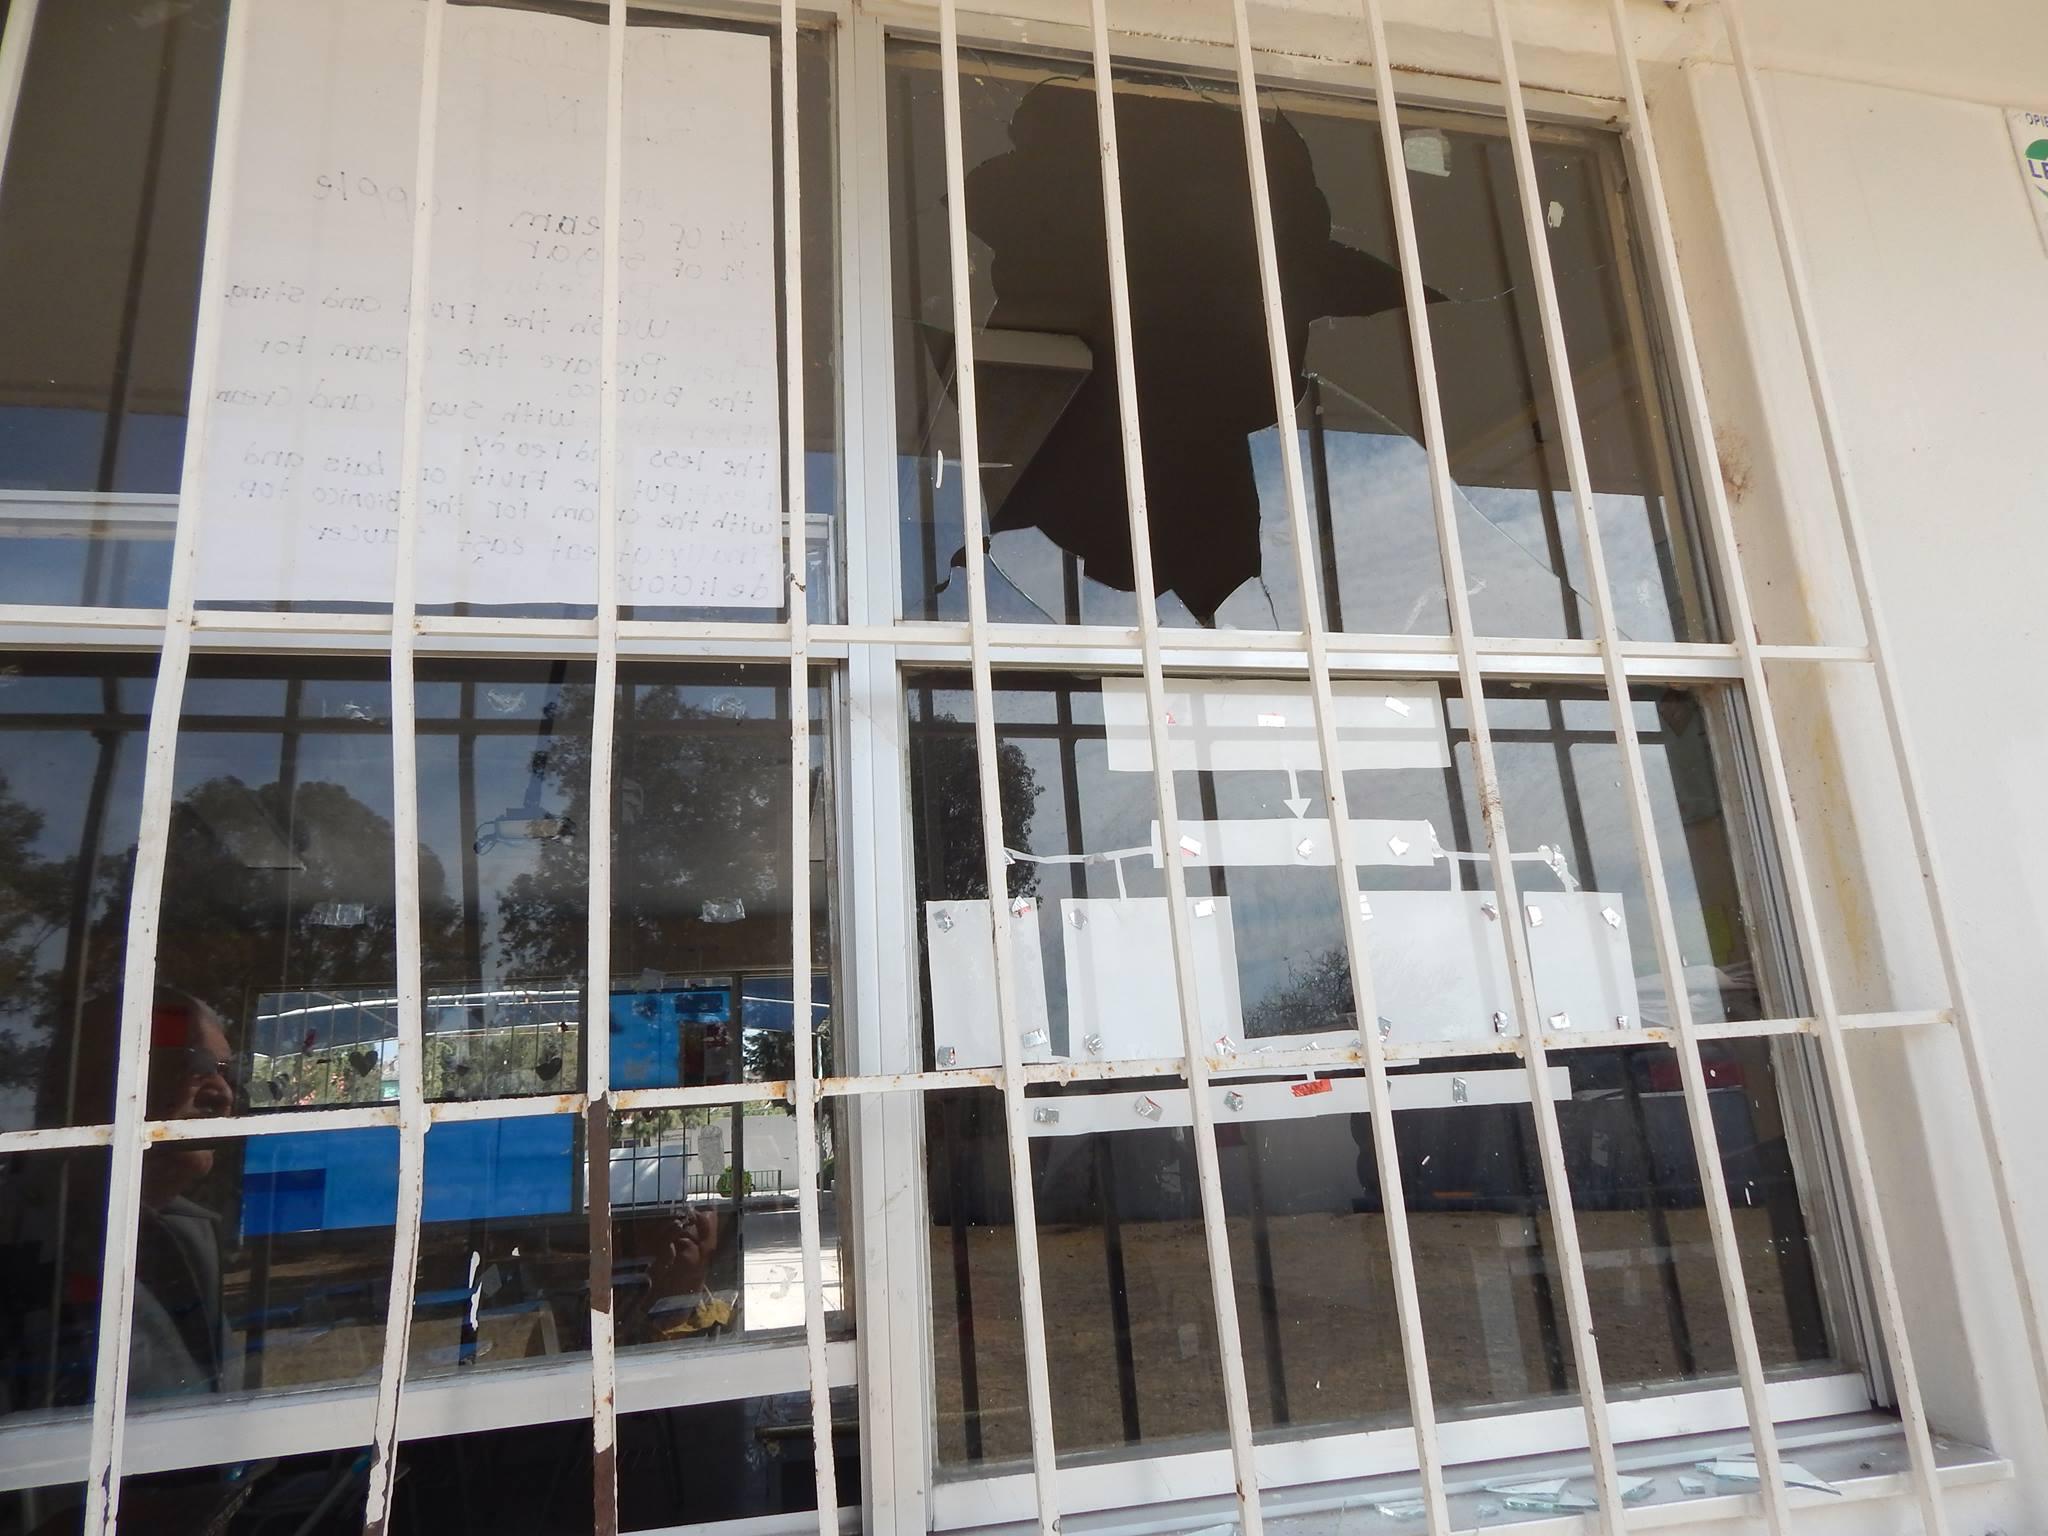 Tele secundaria ya es cliente de los ladrones, pero para las autoridades no hay ola de robos